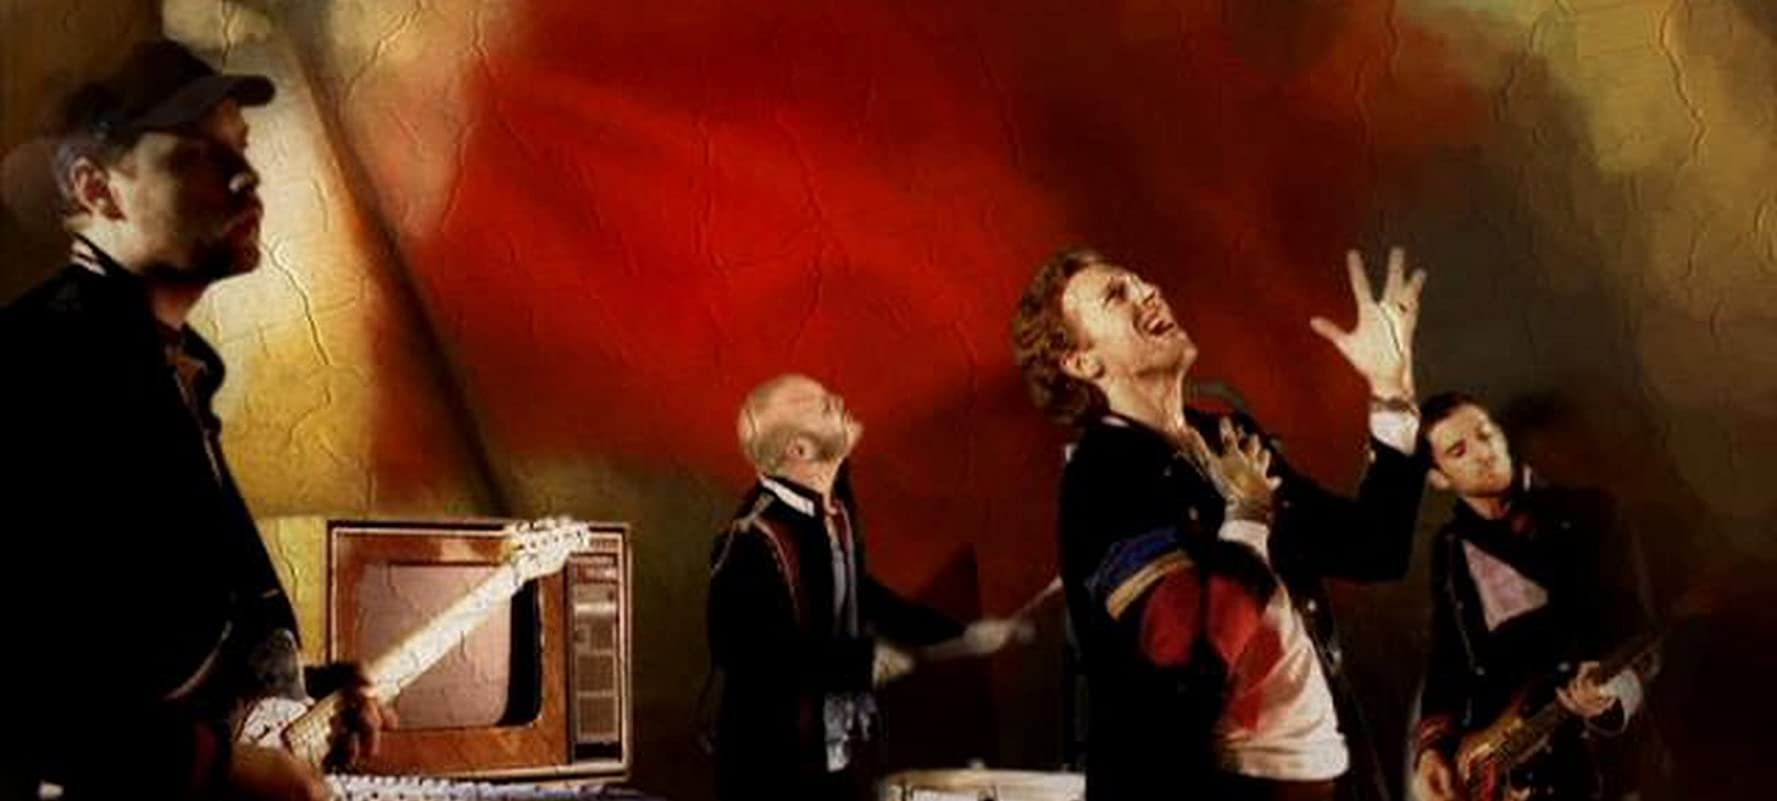 Coldplay: Viva La Vida (2008)